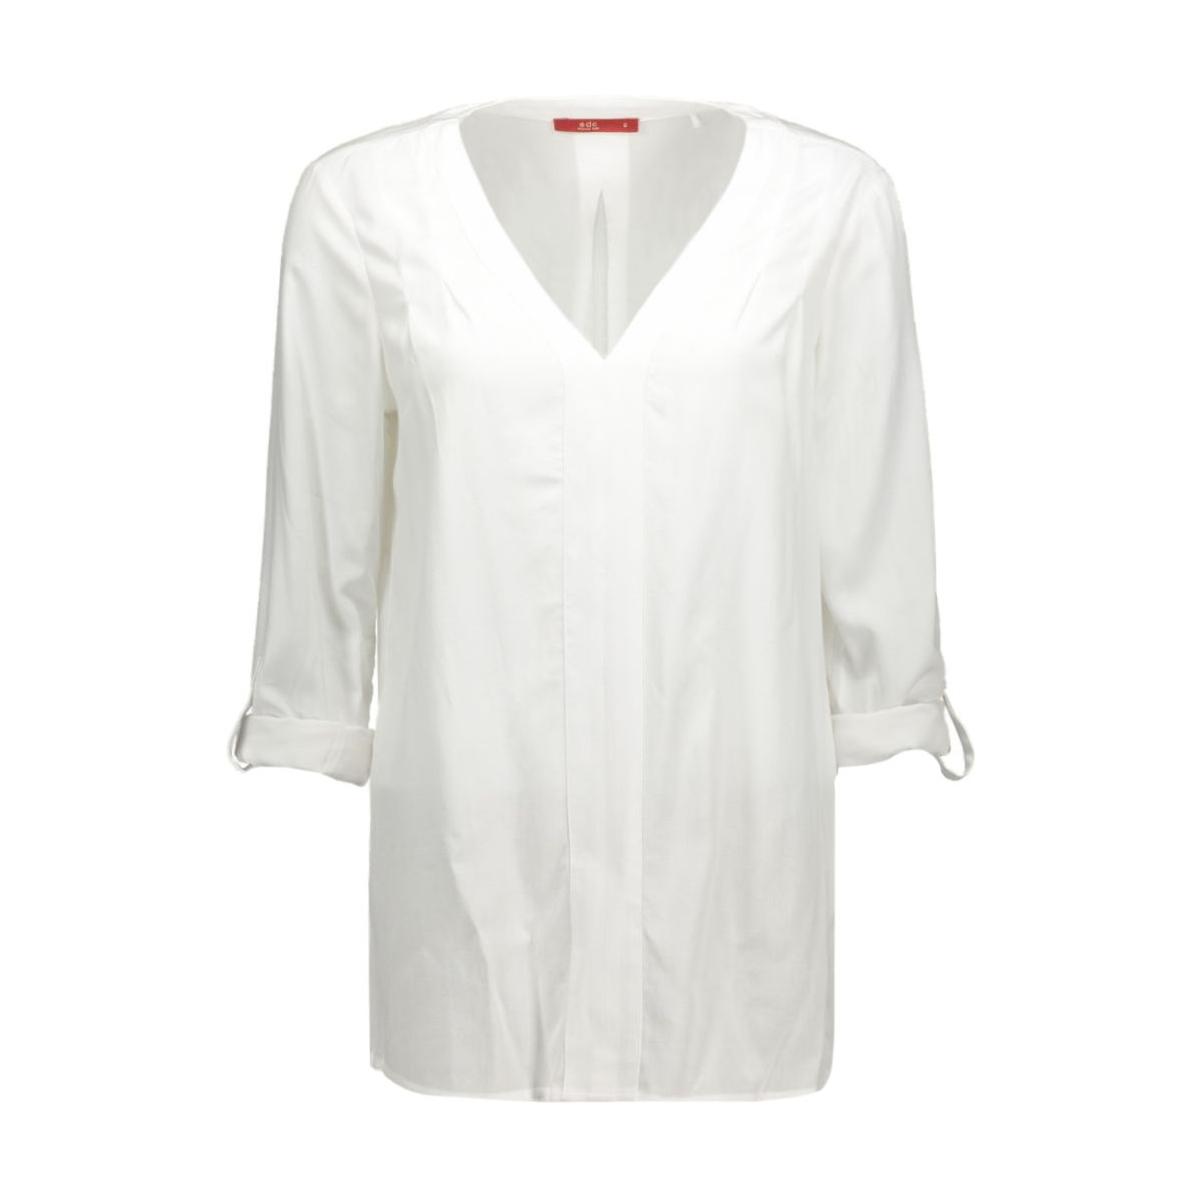 995cc1f902 edc blouse c100